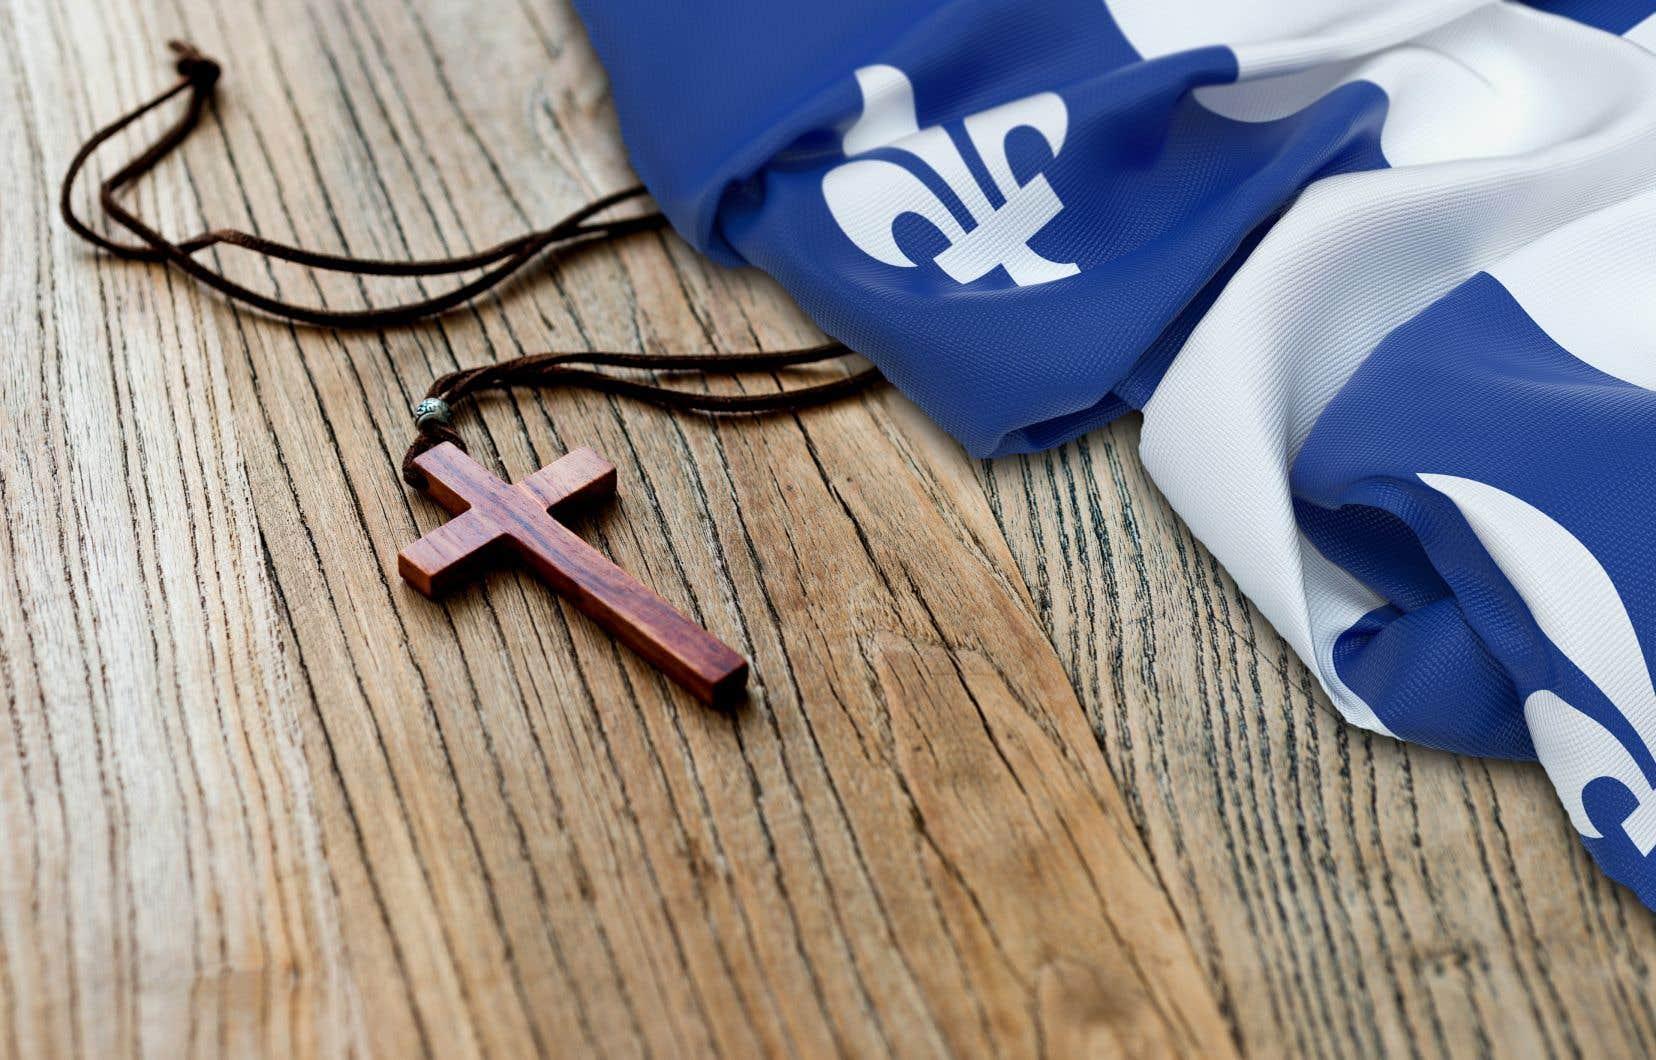 «Il est convenu dans notre société que la séparation de l'Église et de l'État est un fait bien établi et accepté, même du côté du clergé», souligne l'auteur.